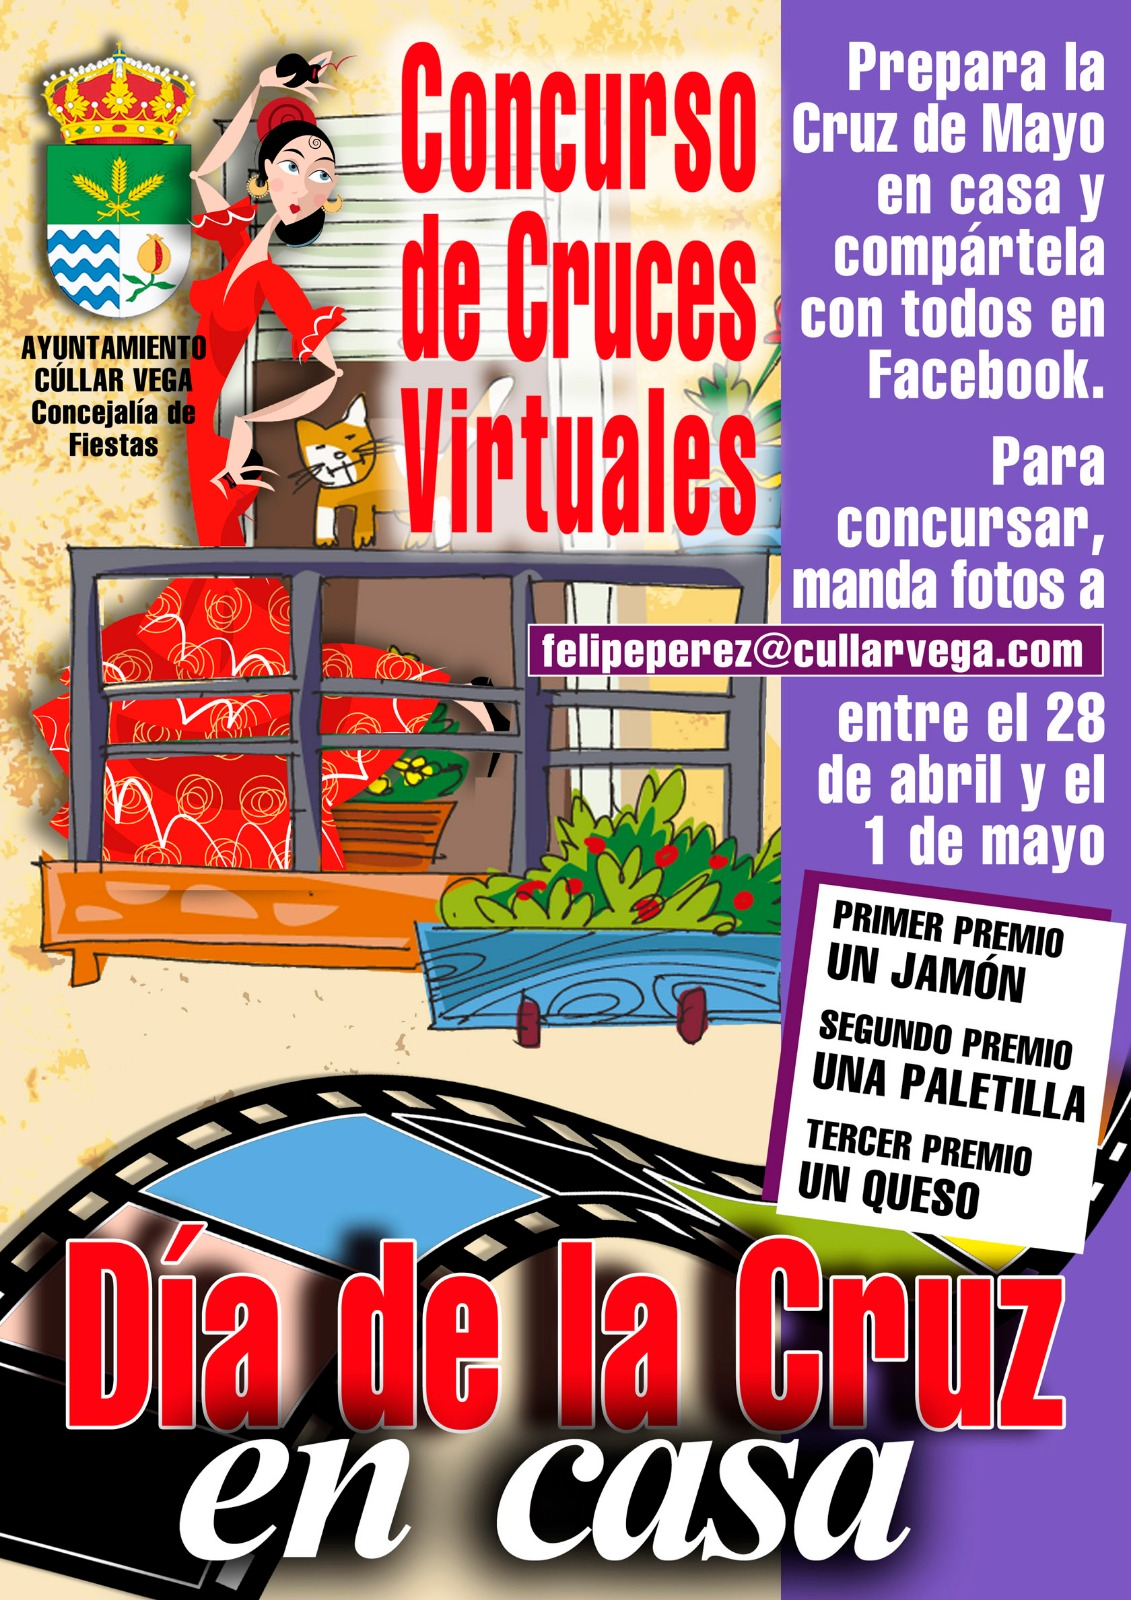 Cúllar Vega organiza un concurso de Cruces de Mayo virtuales para mantener viva la tradición